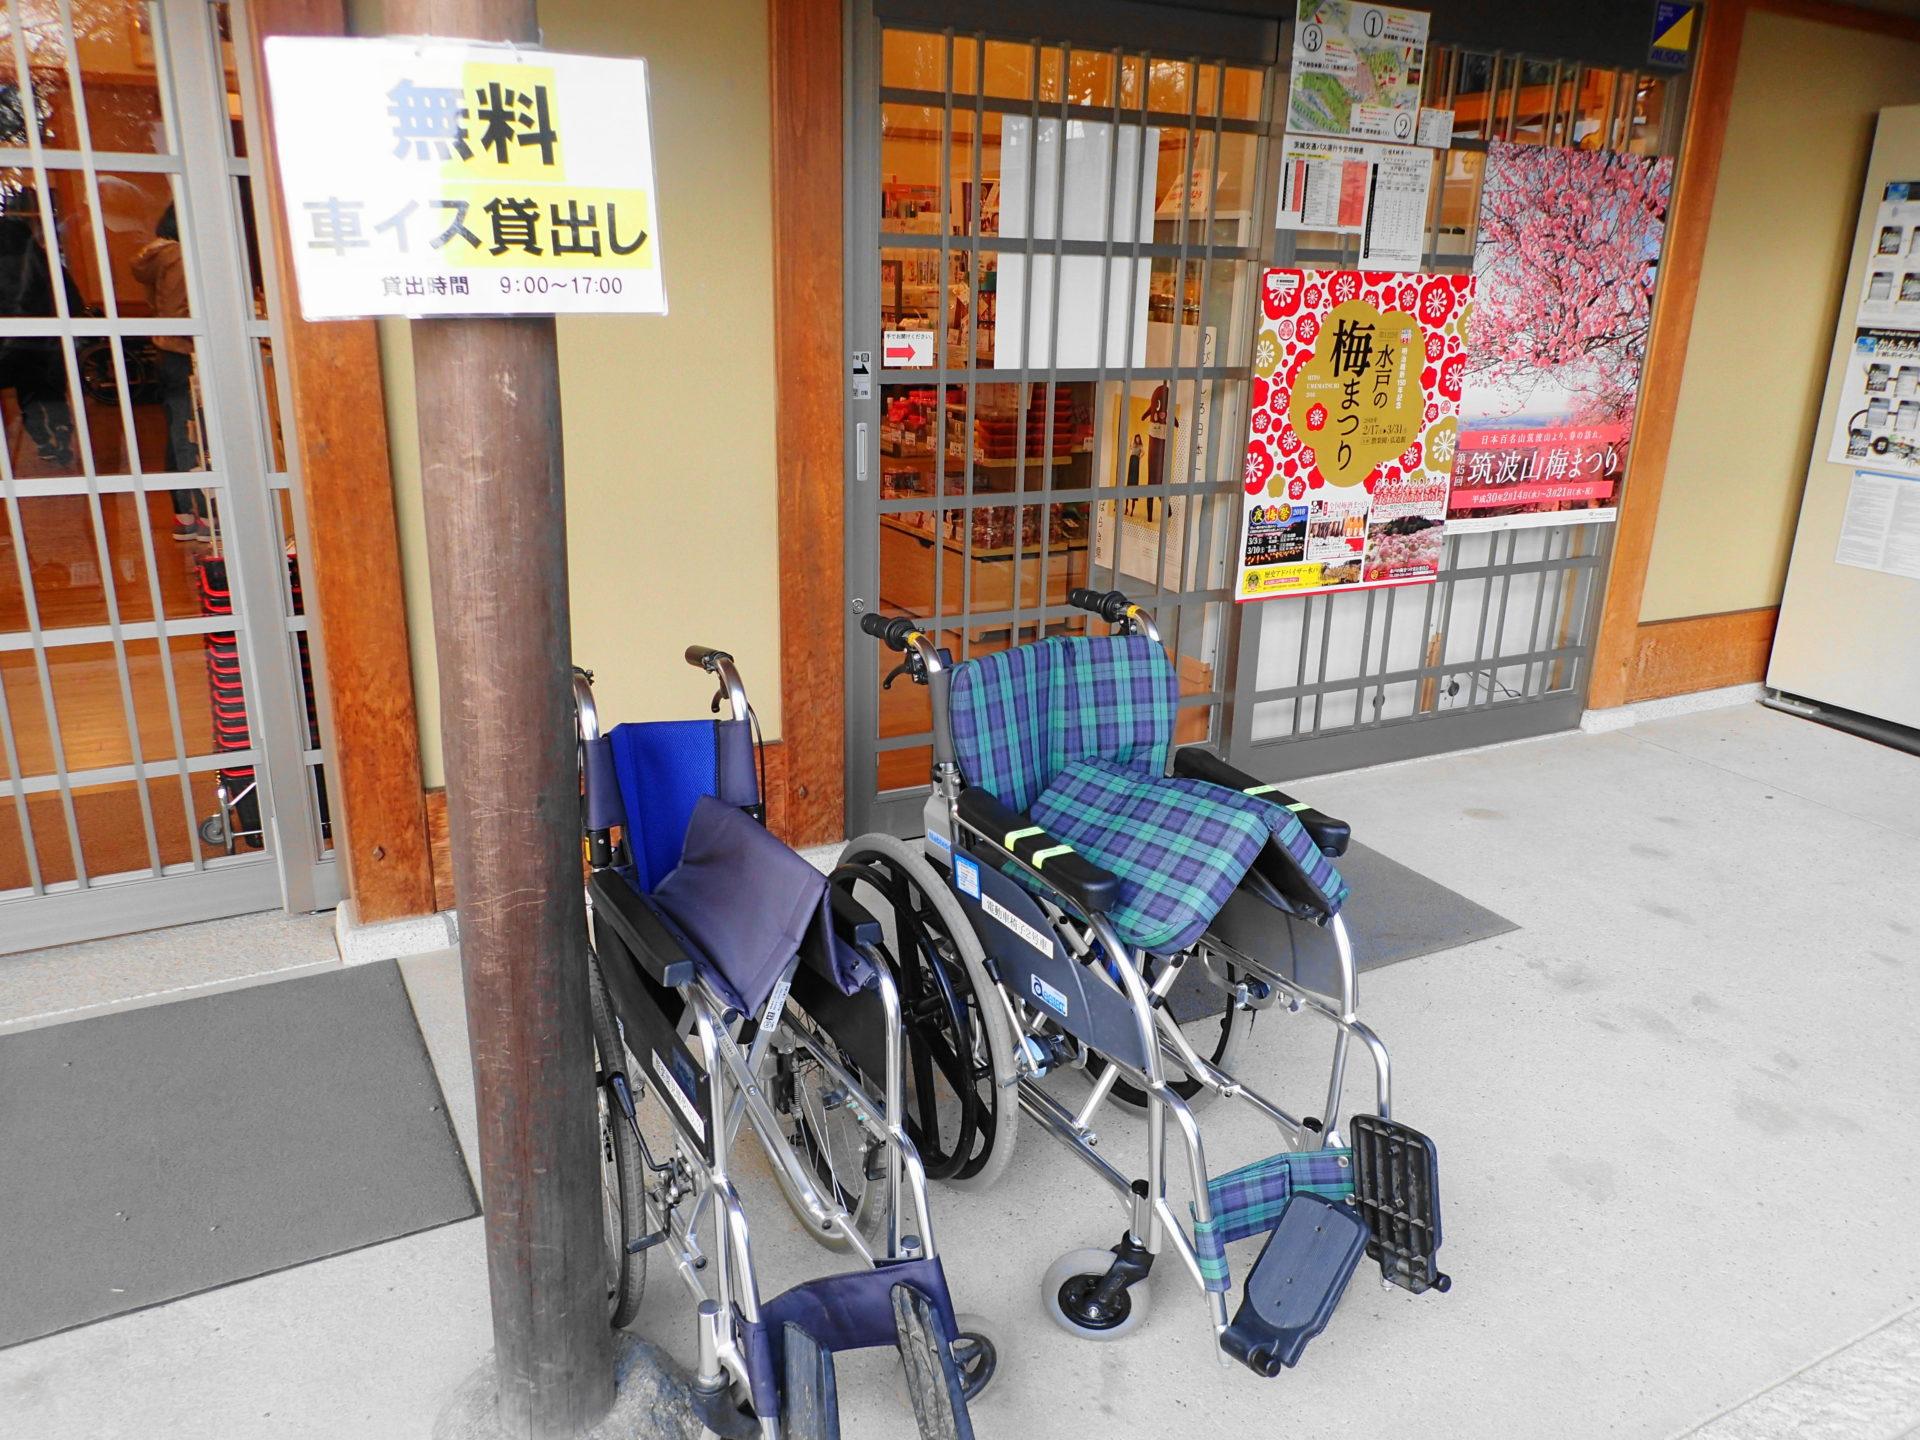 水戸梅まつり 2020 |車椅子の無料貸出について スタッフ談 - いばらじお♪